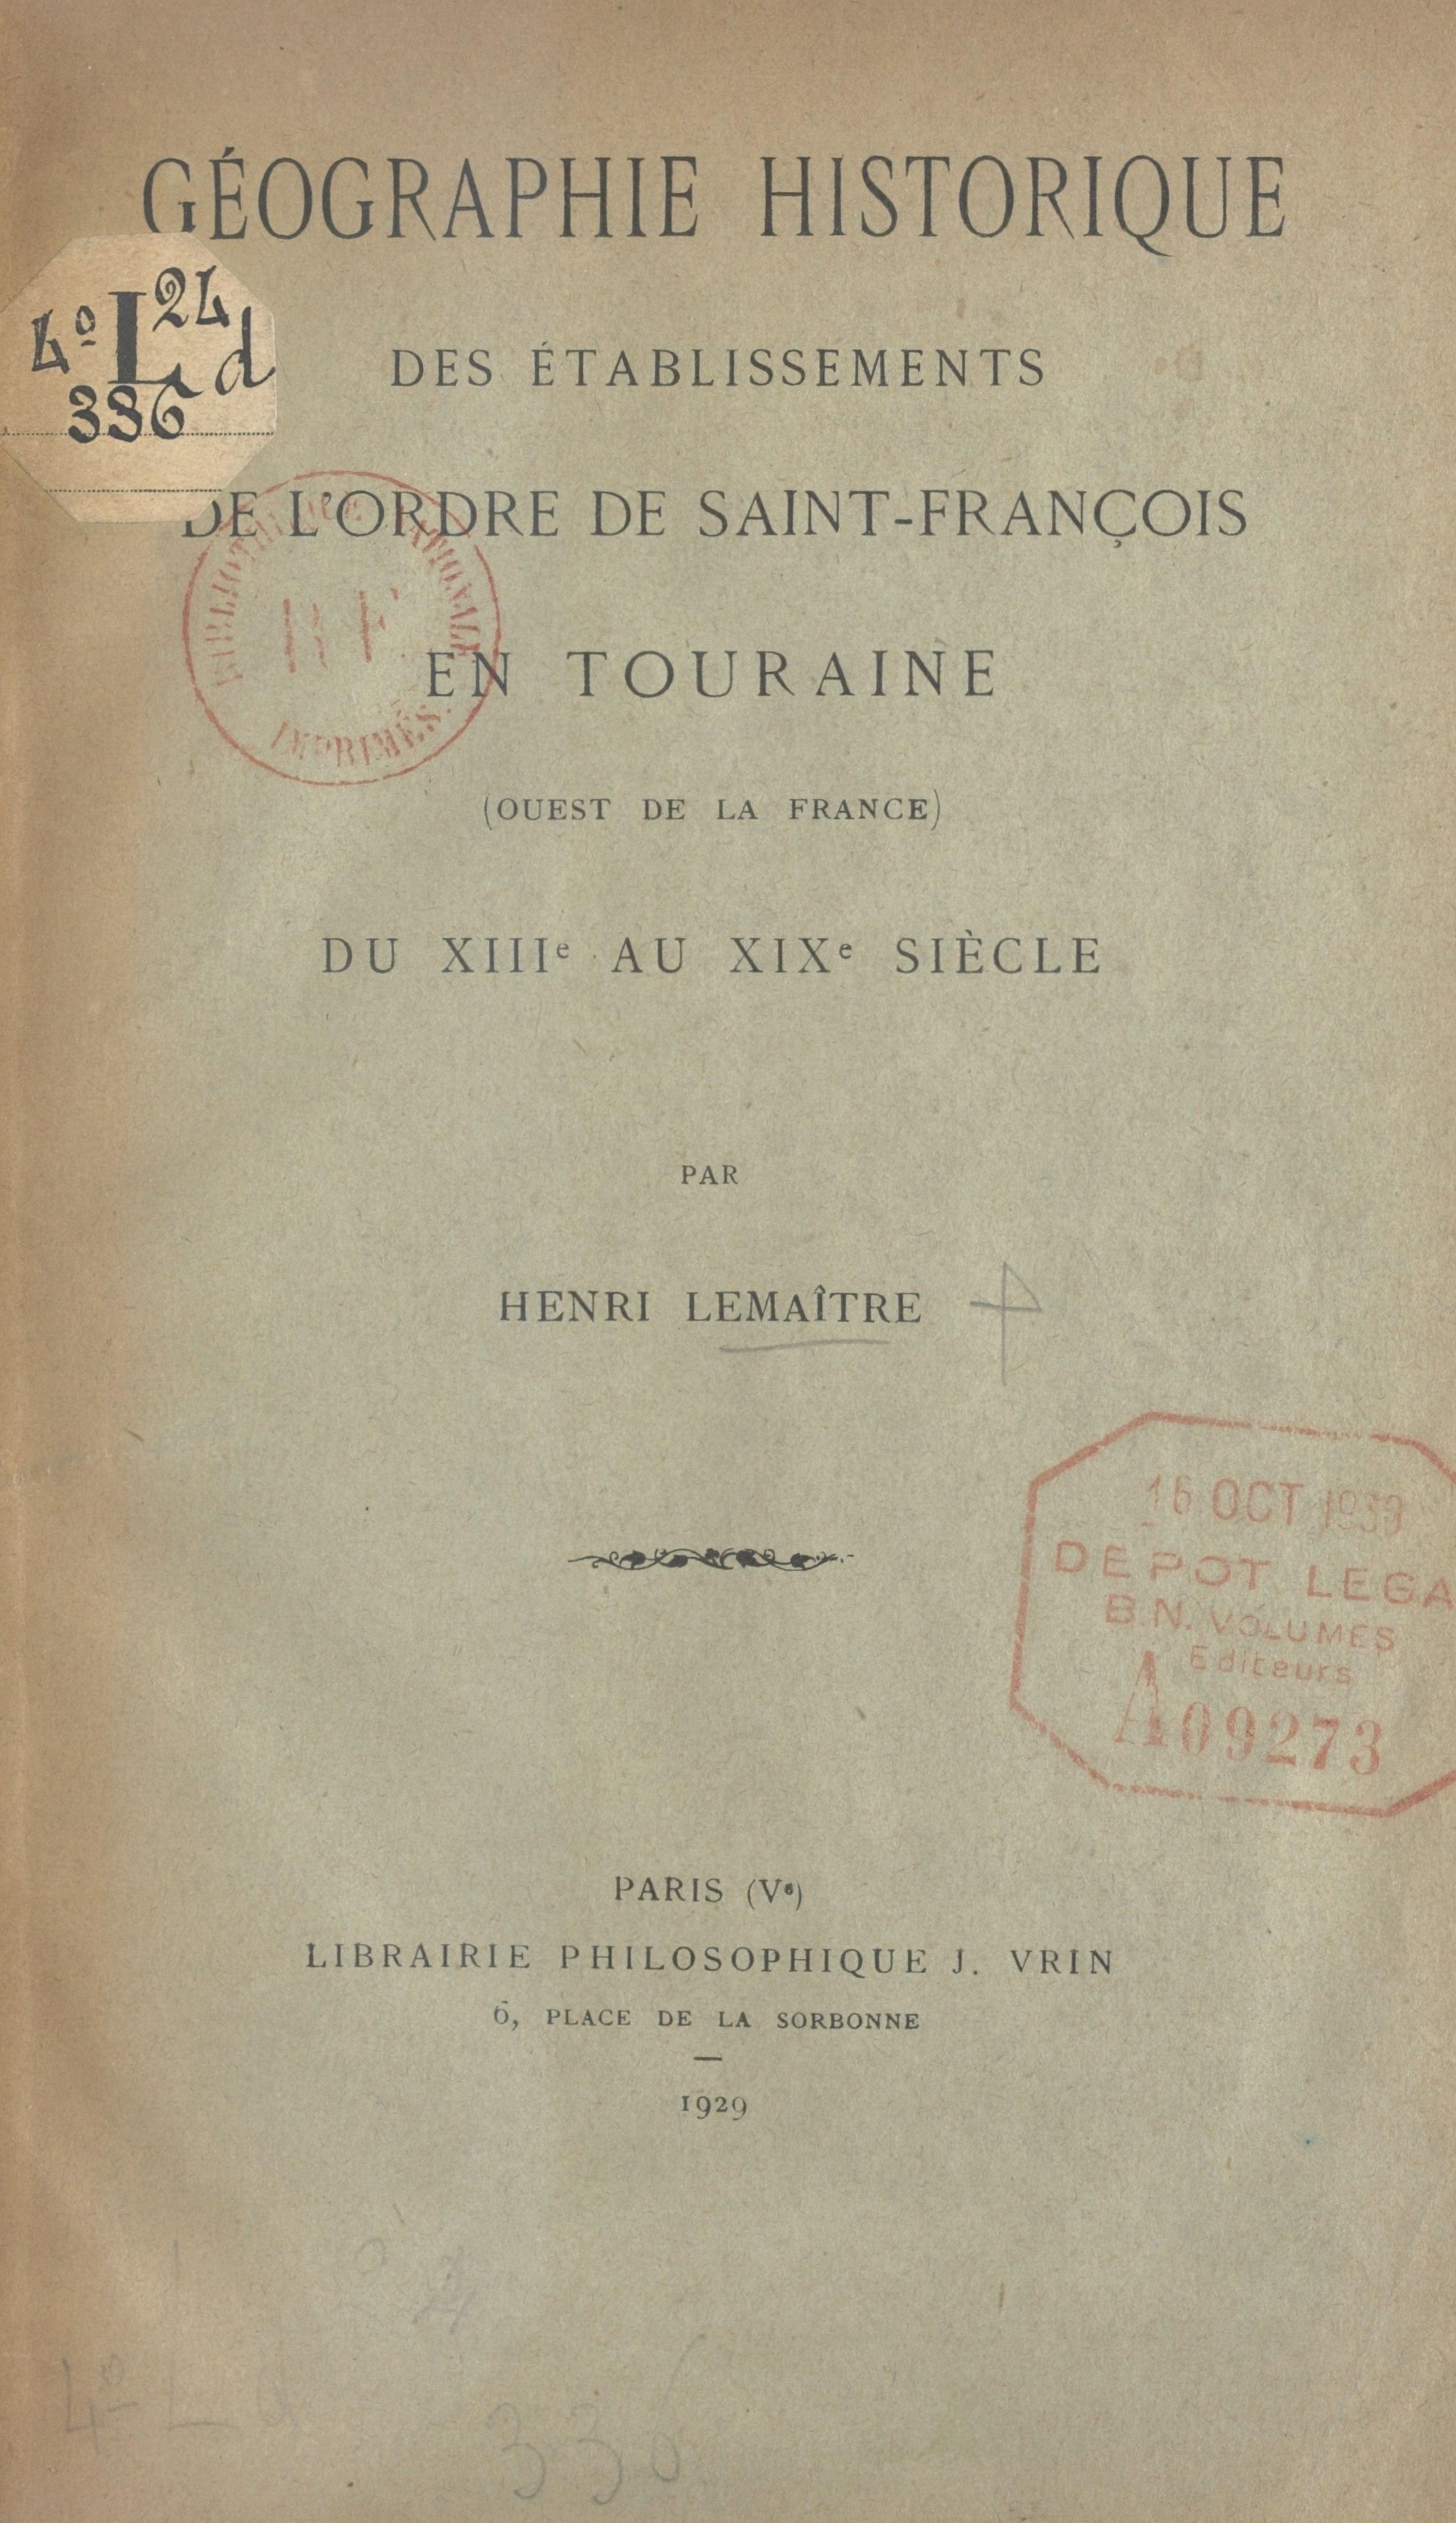 Géographie historique des établissements de l'ordre de Saint-François en Touraine, OUEST DE LA FRANCE, DU IIIE AU XIXE SIÈCLE